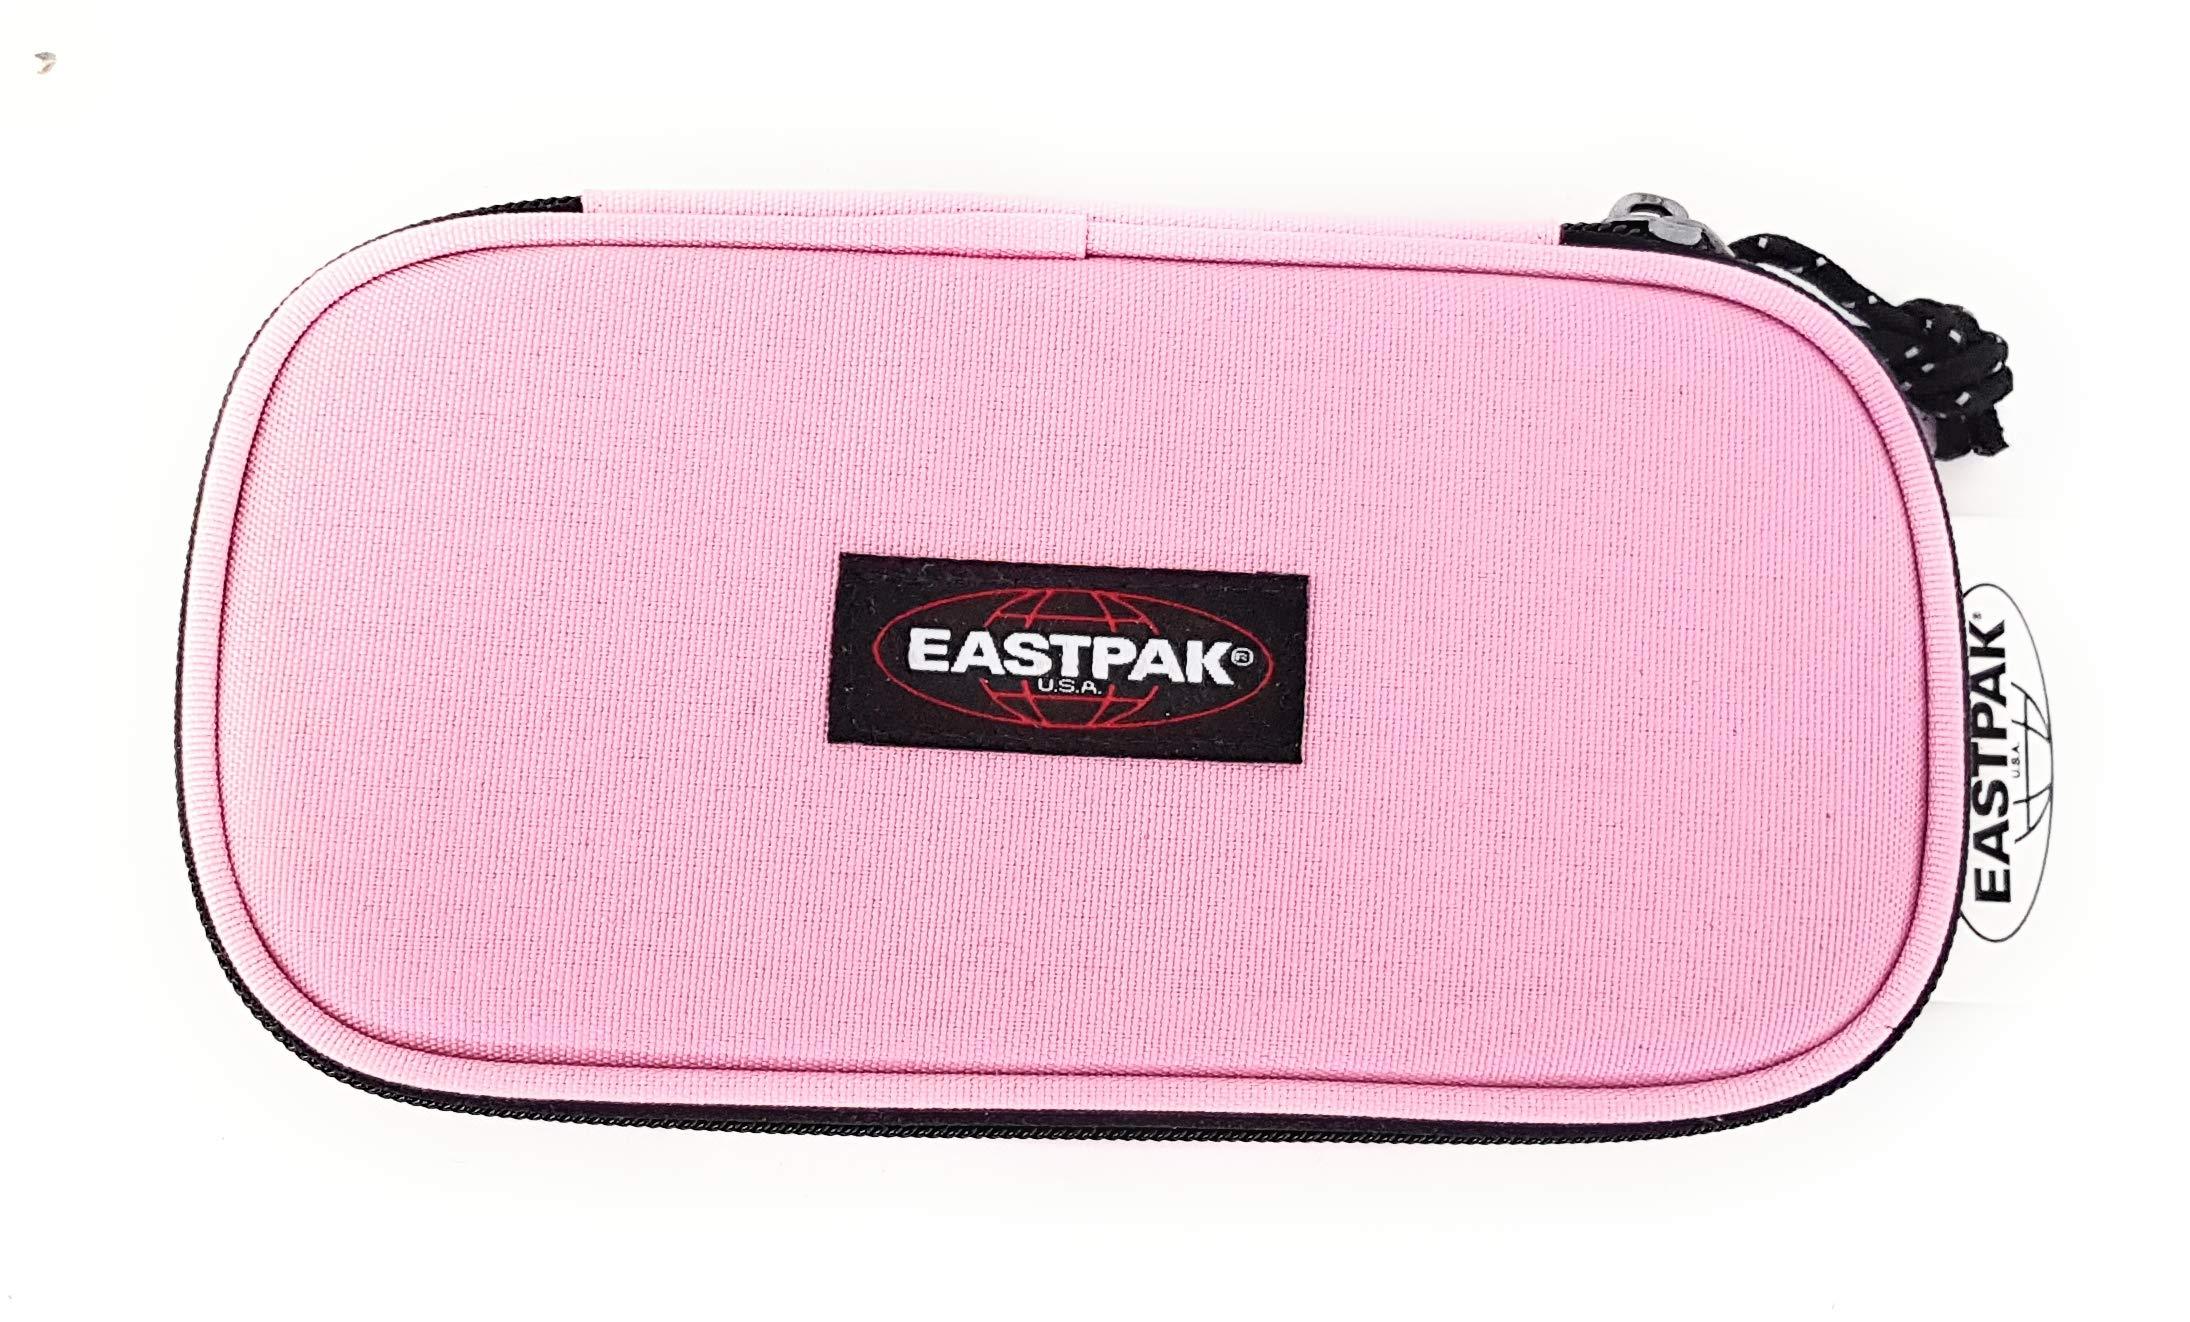 Eastpak Oval XL color rosa - EK34A250: Amazon.es: Oficina y papelería